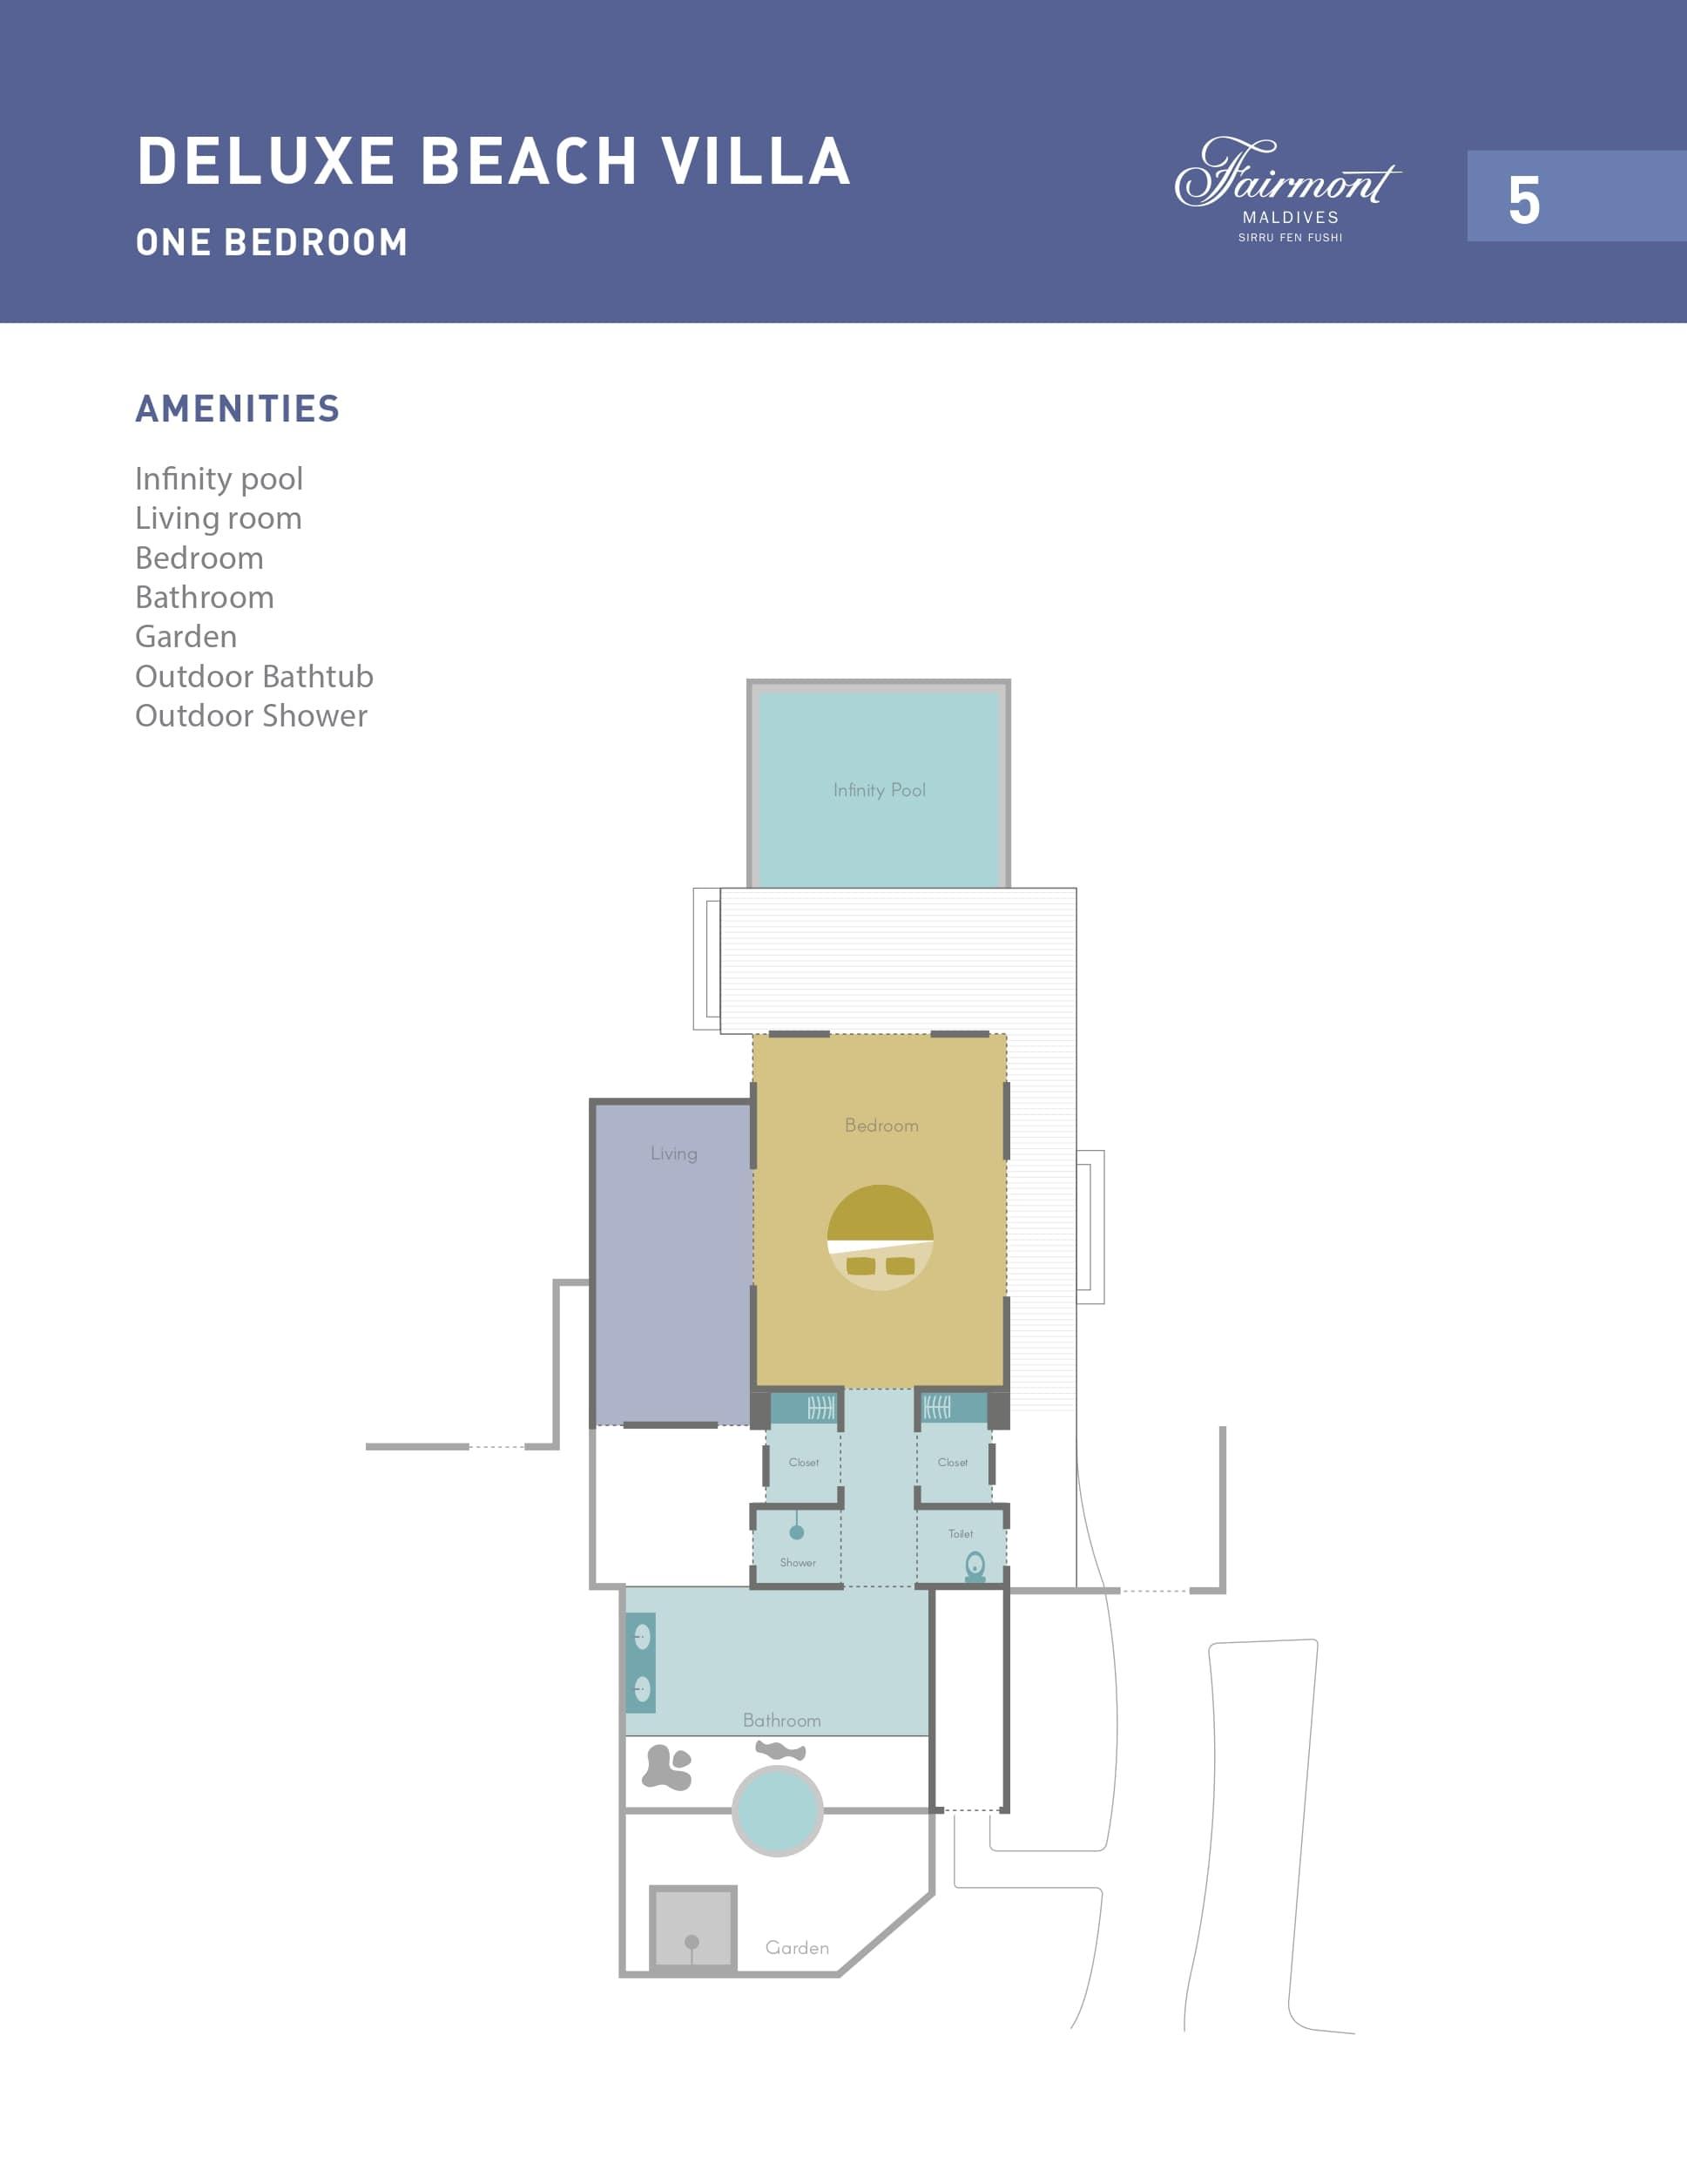 Мальдивы, отель Fairmont Maldives Sirru Fen Fushi, план-схема номера Deluxe Beach Villa